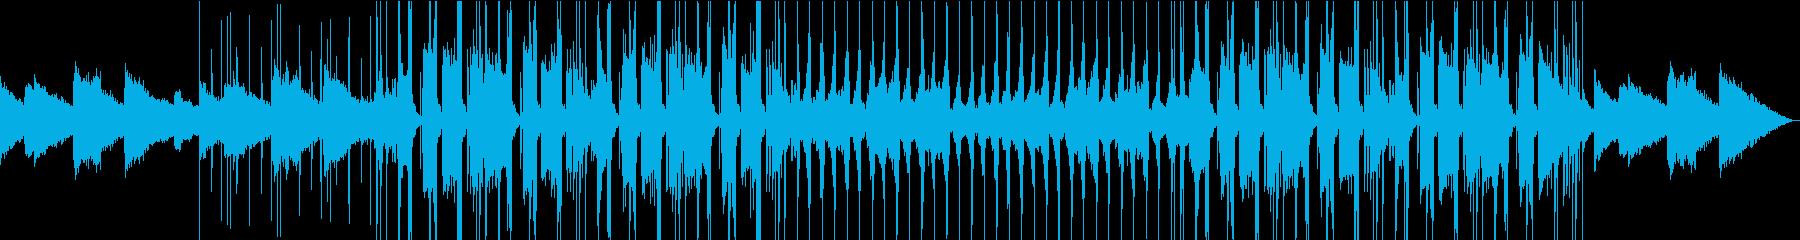 Lo-Fi・綺麗なチルヒップホップの再生済みの波形